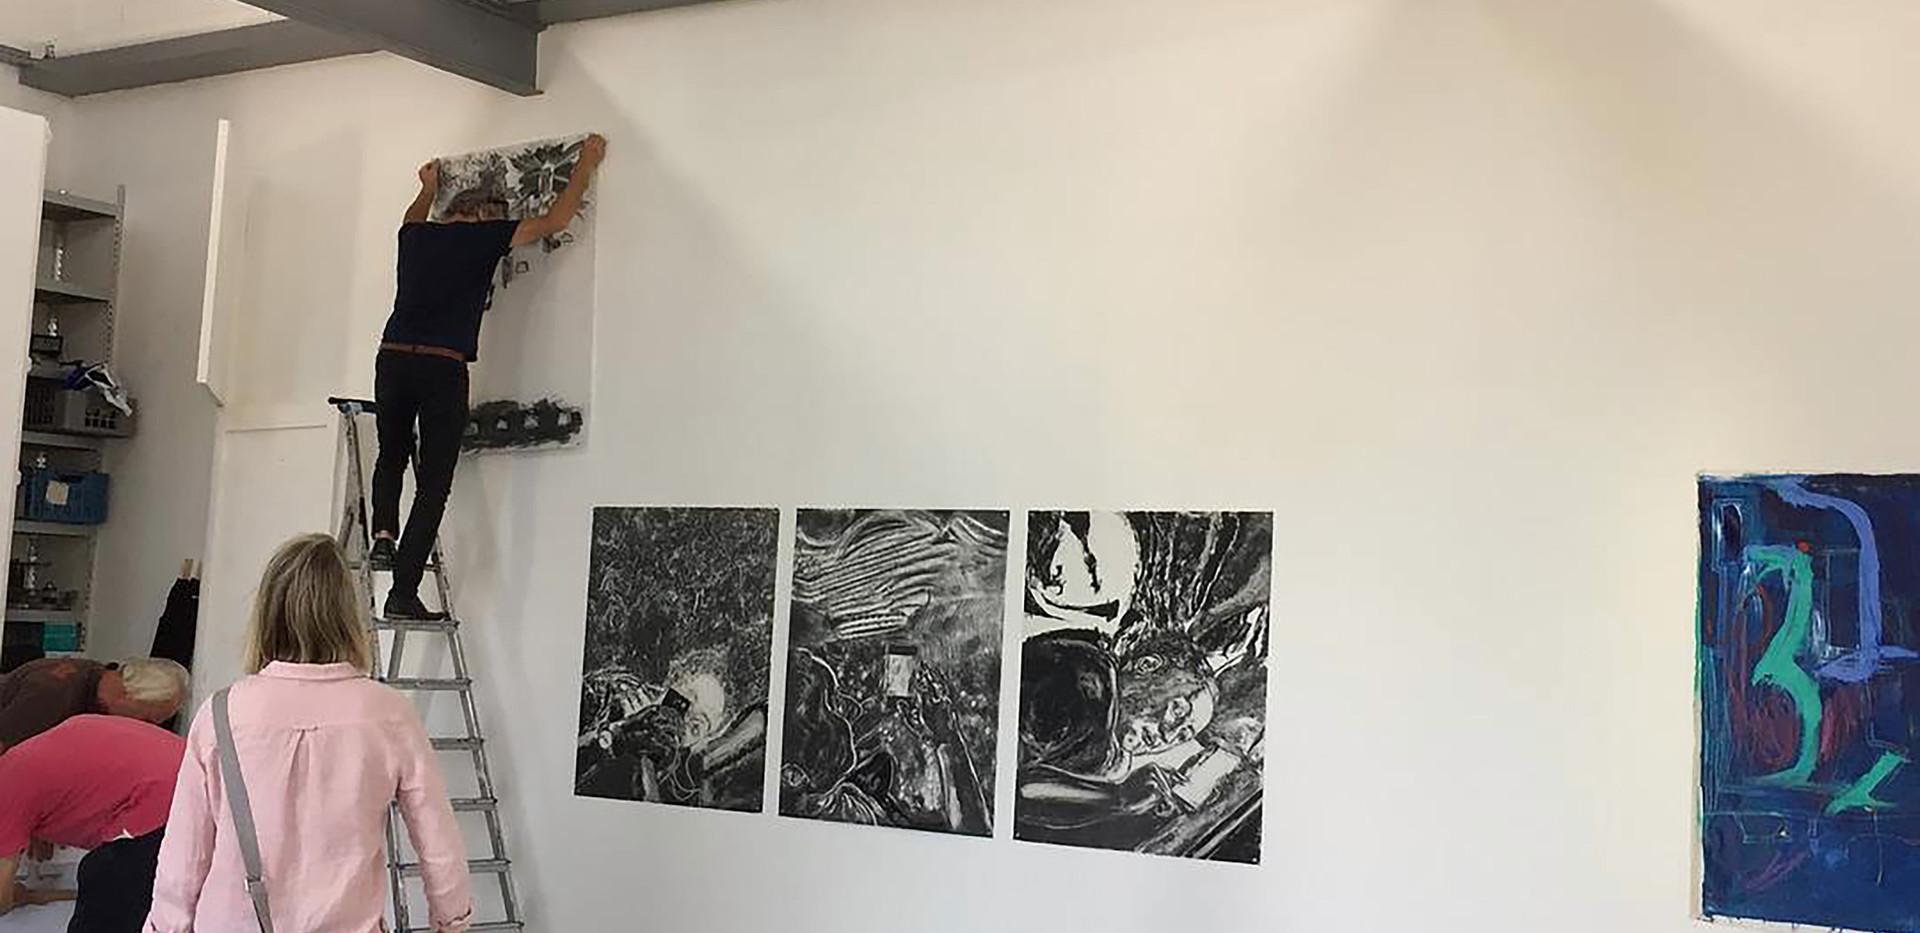 Biek van Bree installing John Tomlinson's work